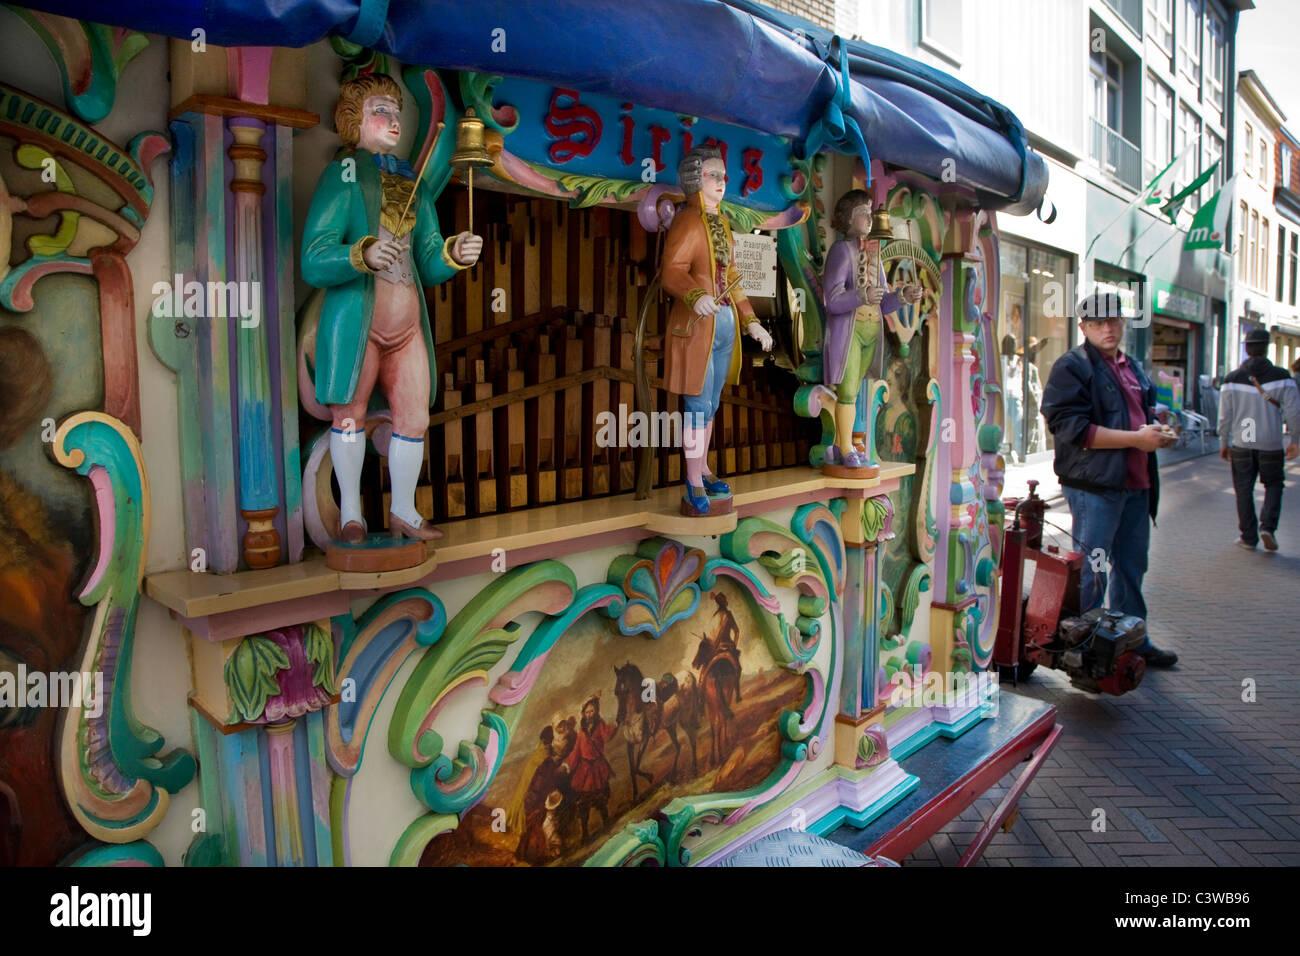 Orgue de néerlandais à Lissewege, Belgique Photo Stock